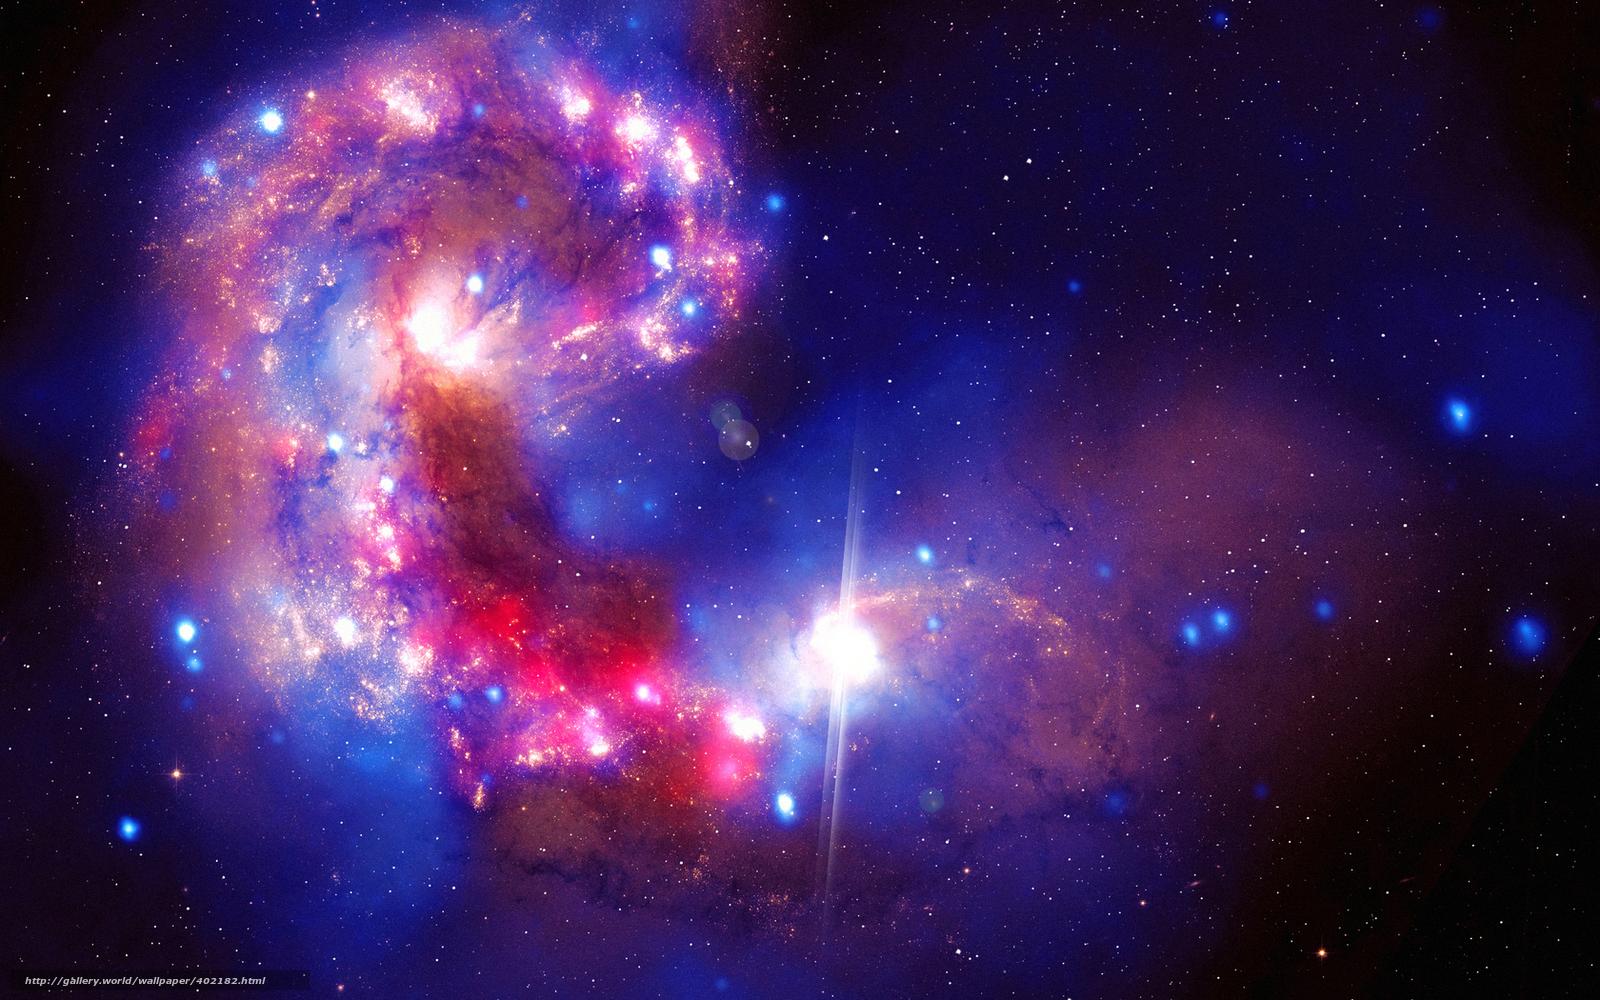 Scaricare gli sfondi stella spazio universo sfondi for Sfondi desktop universo